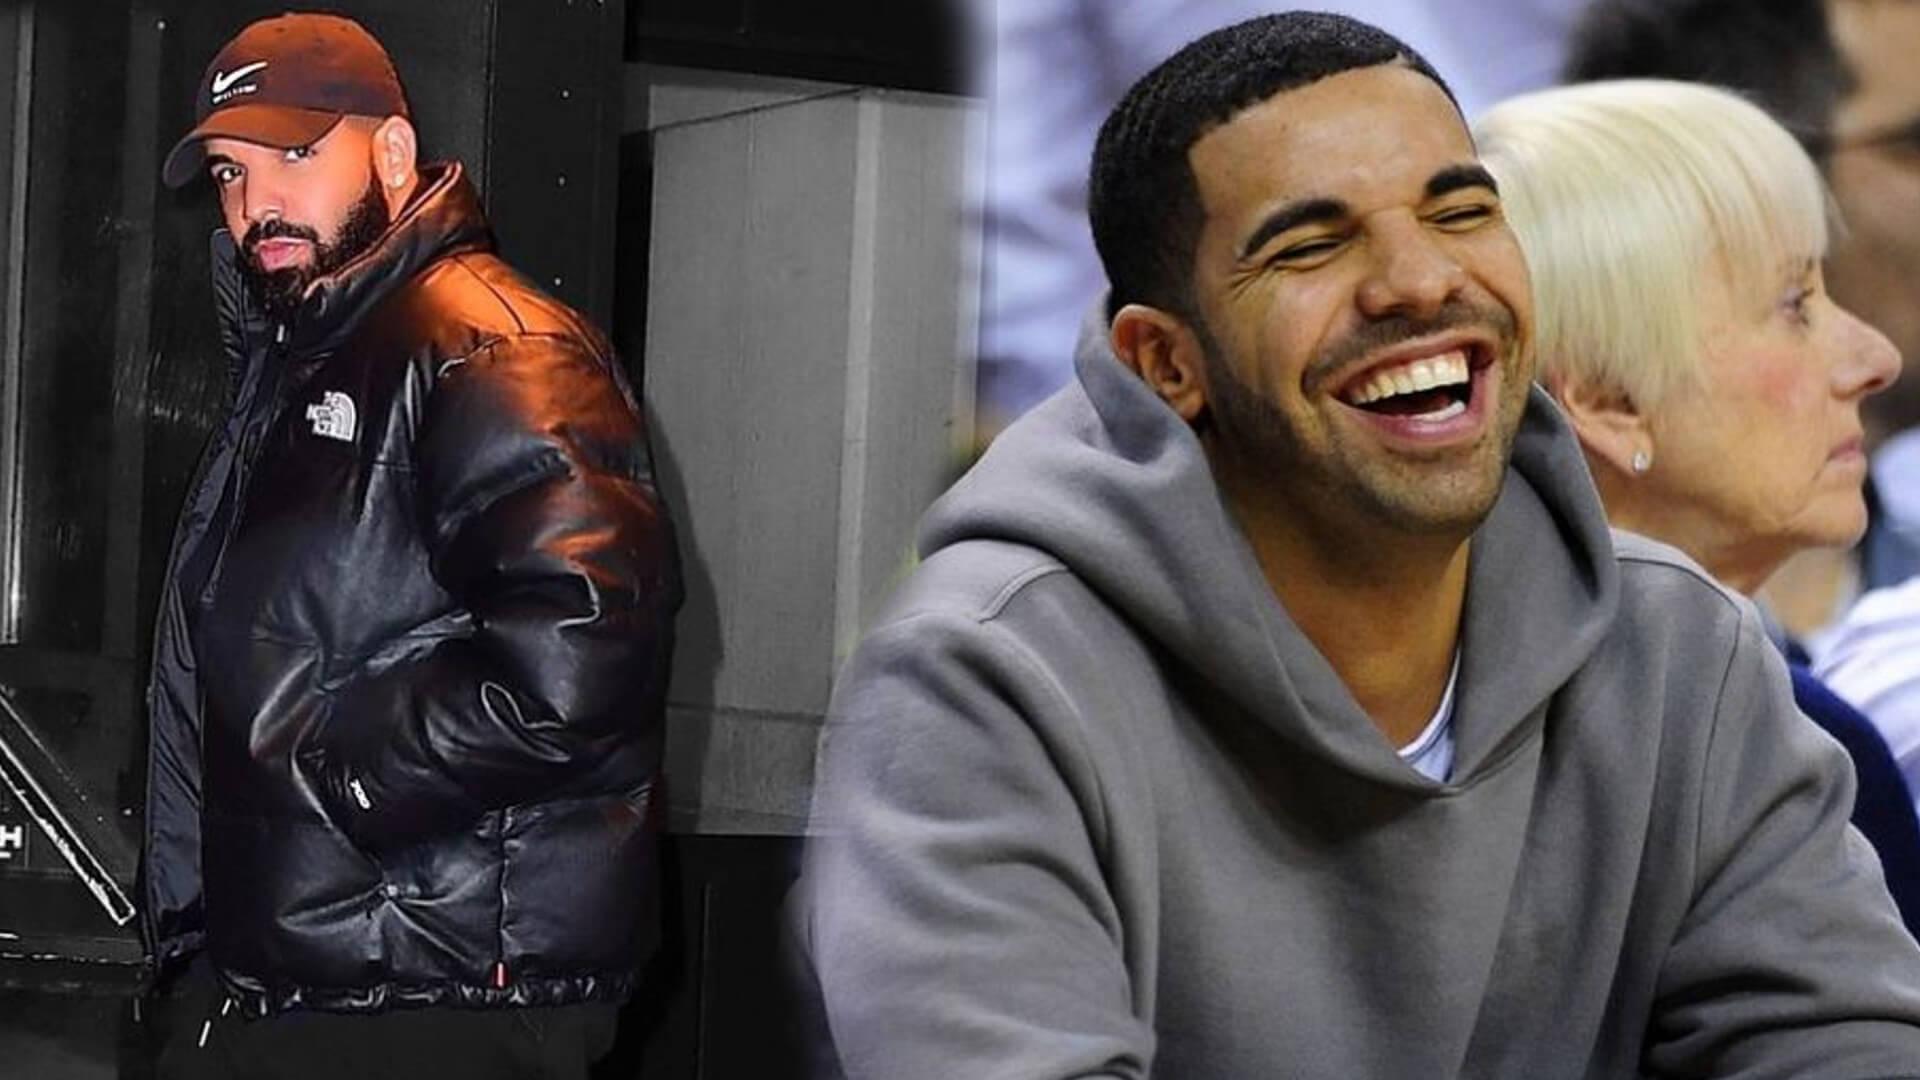 Drake zdradził swój sekret! Dzięki temu jest zdrowy nawet podczas epidemii koronawirusa